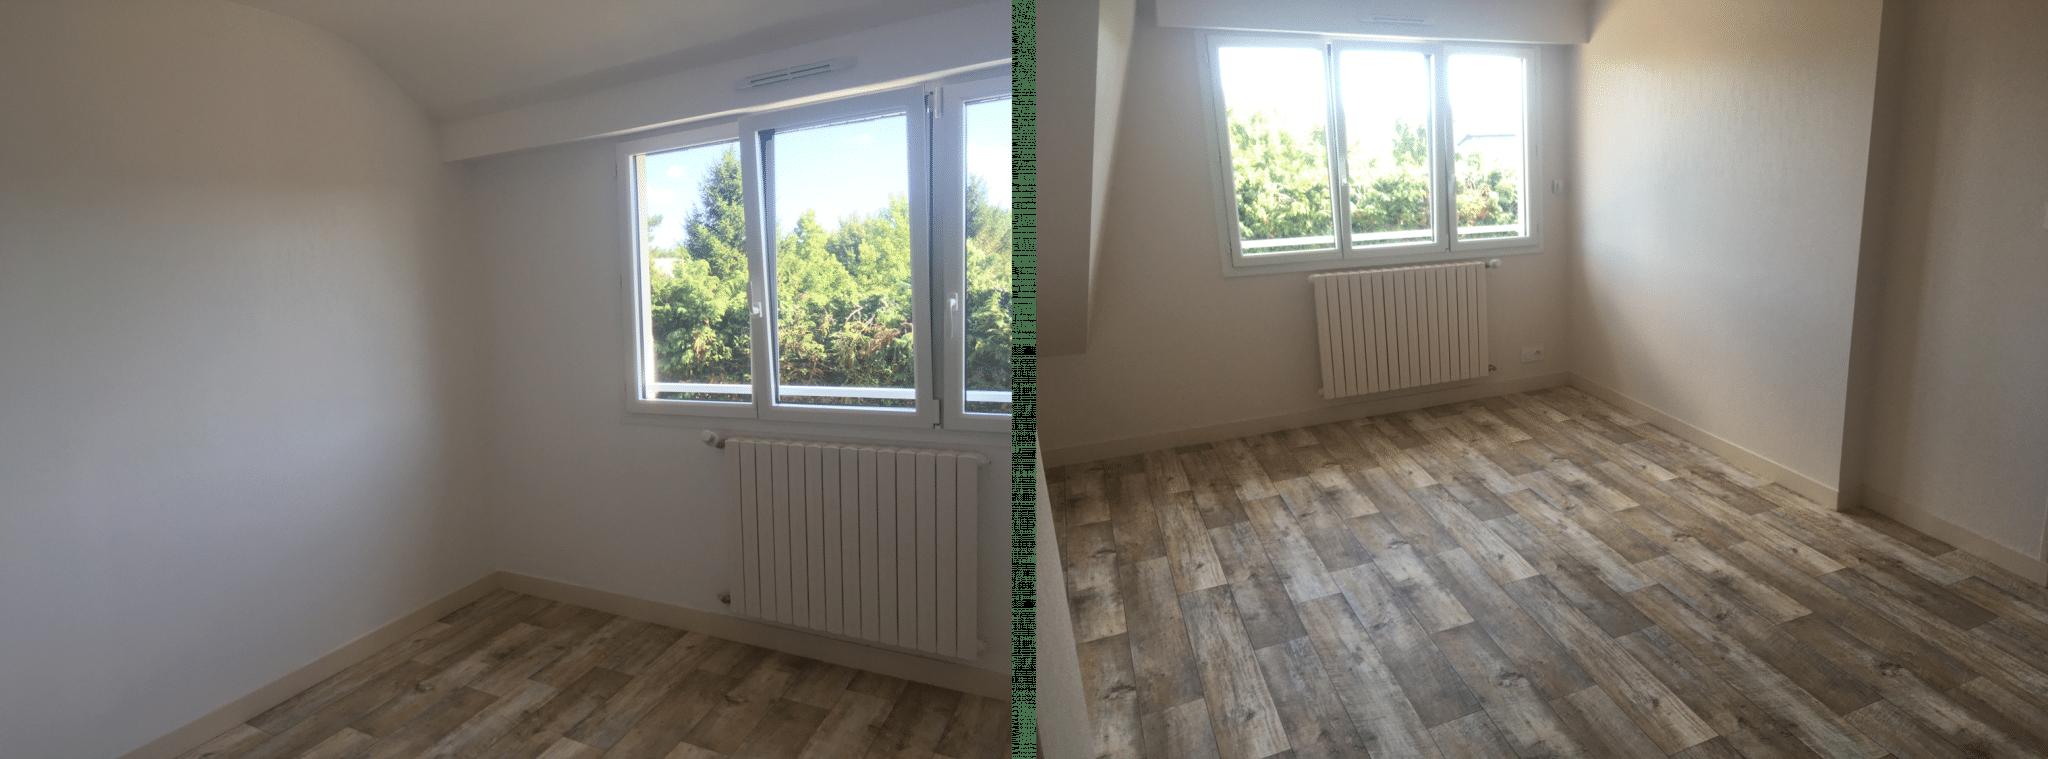 Avant/après d'une rénovation totale de maison à Arradon (56)